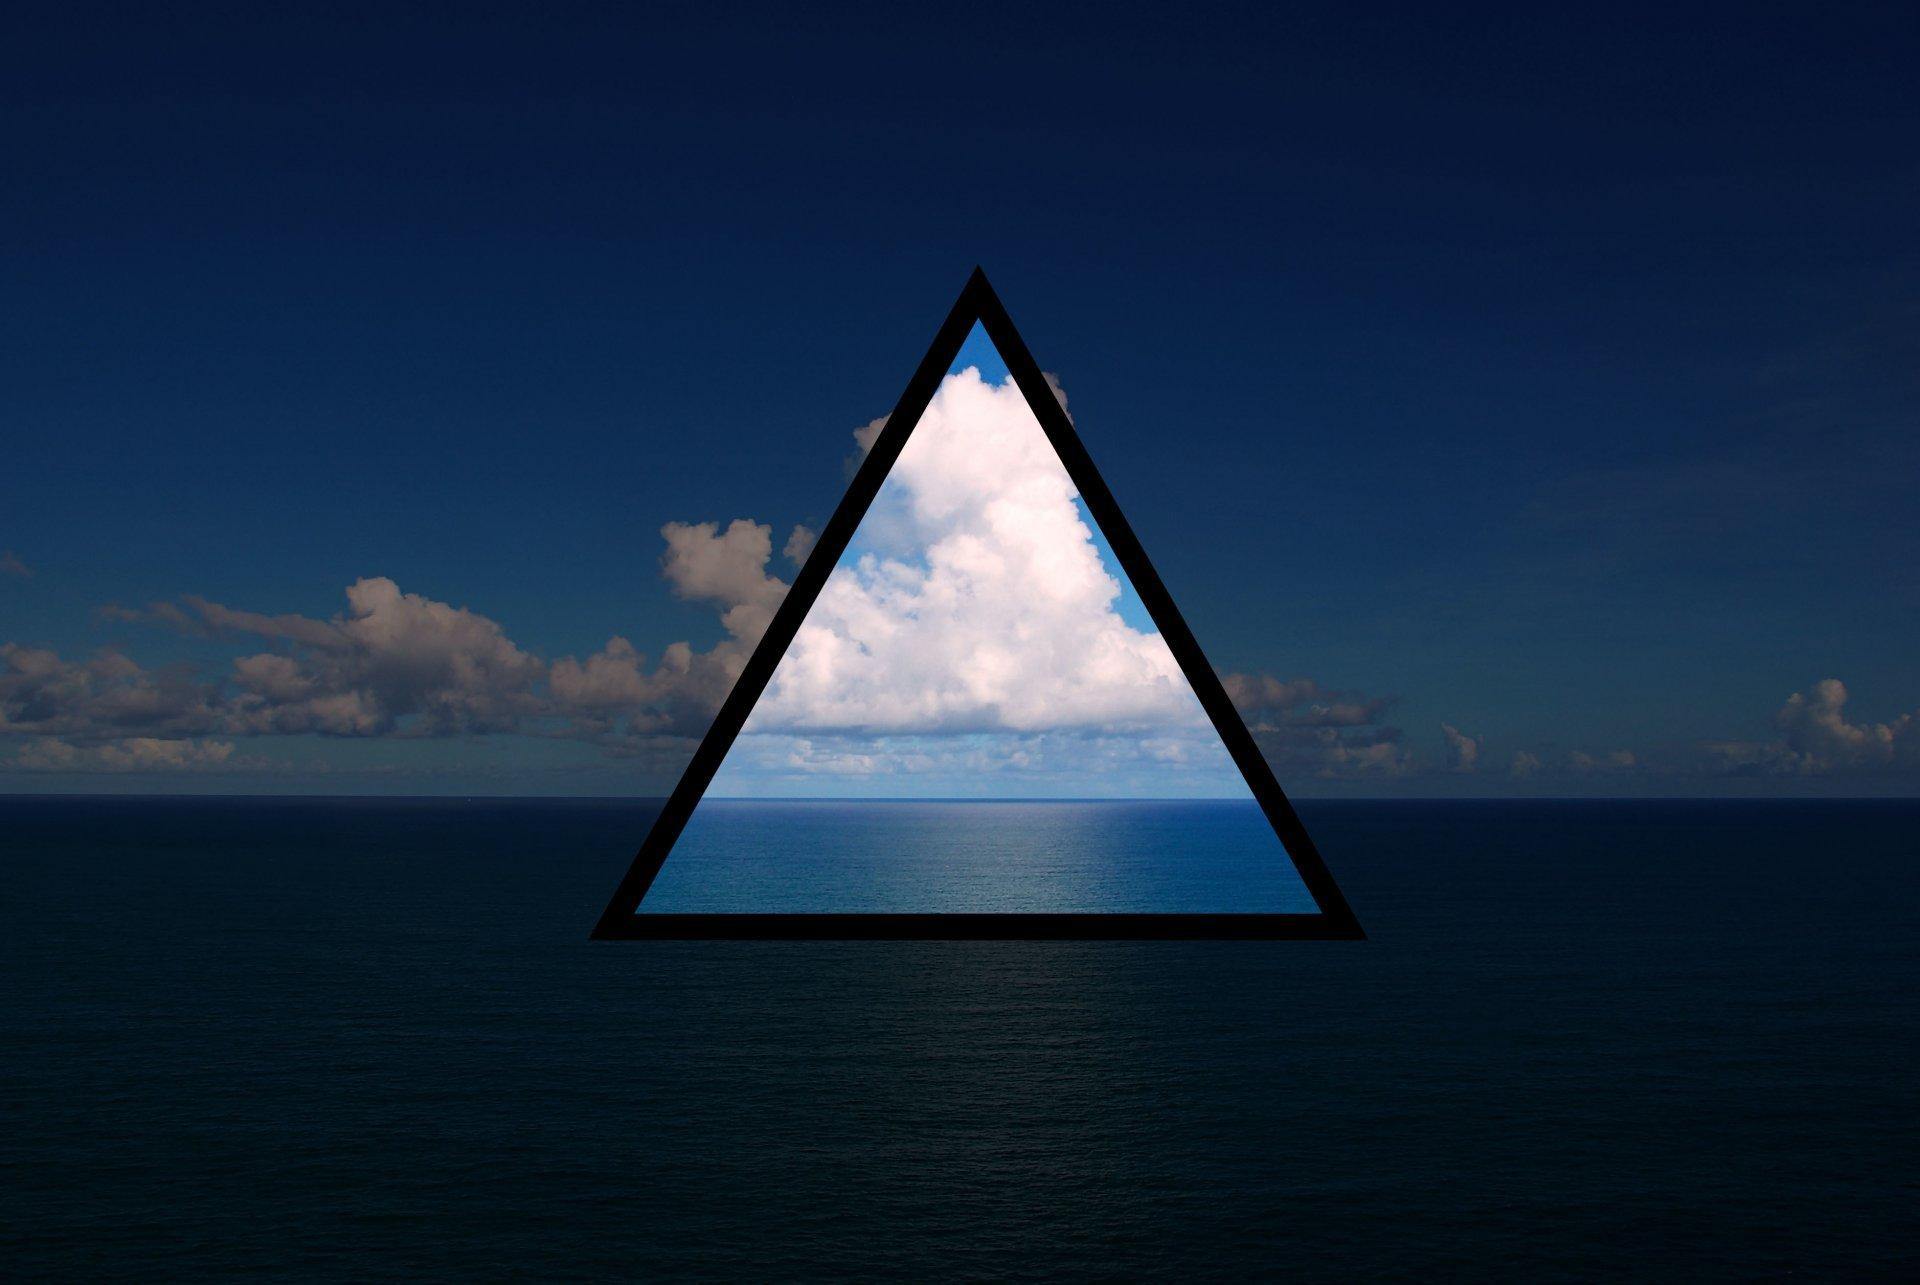 друзья треугольник на фото где